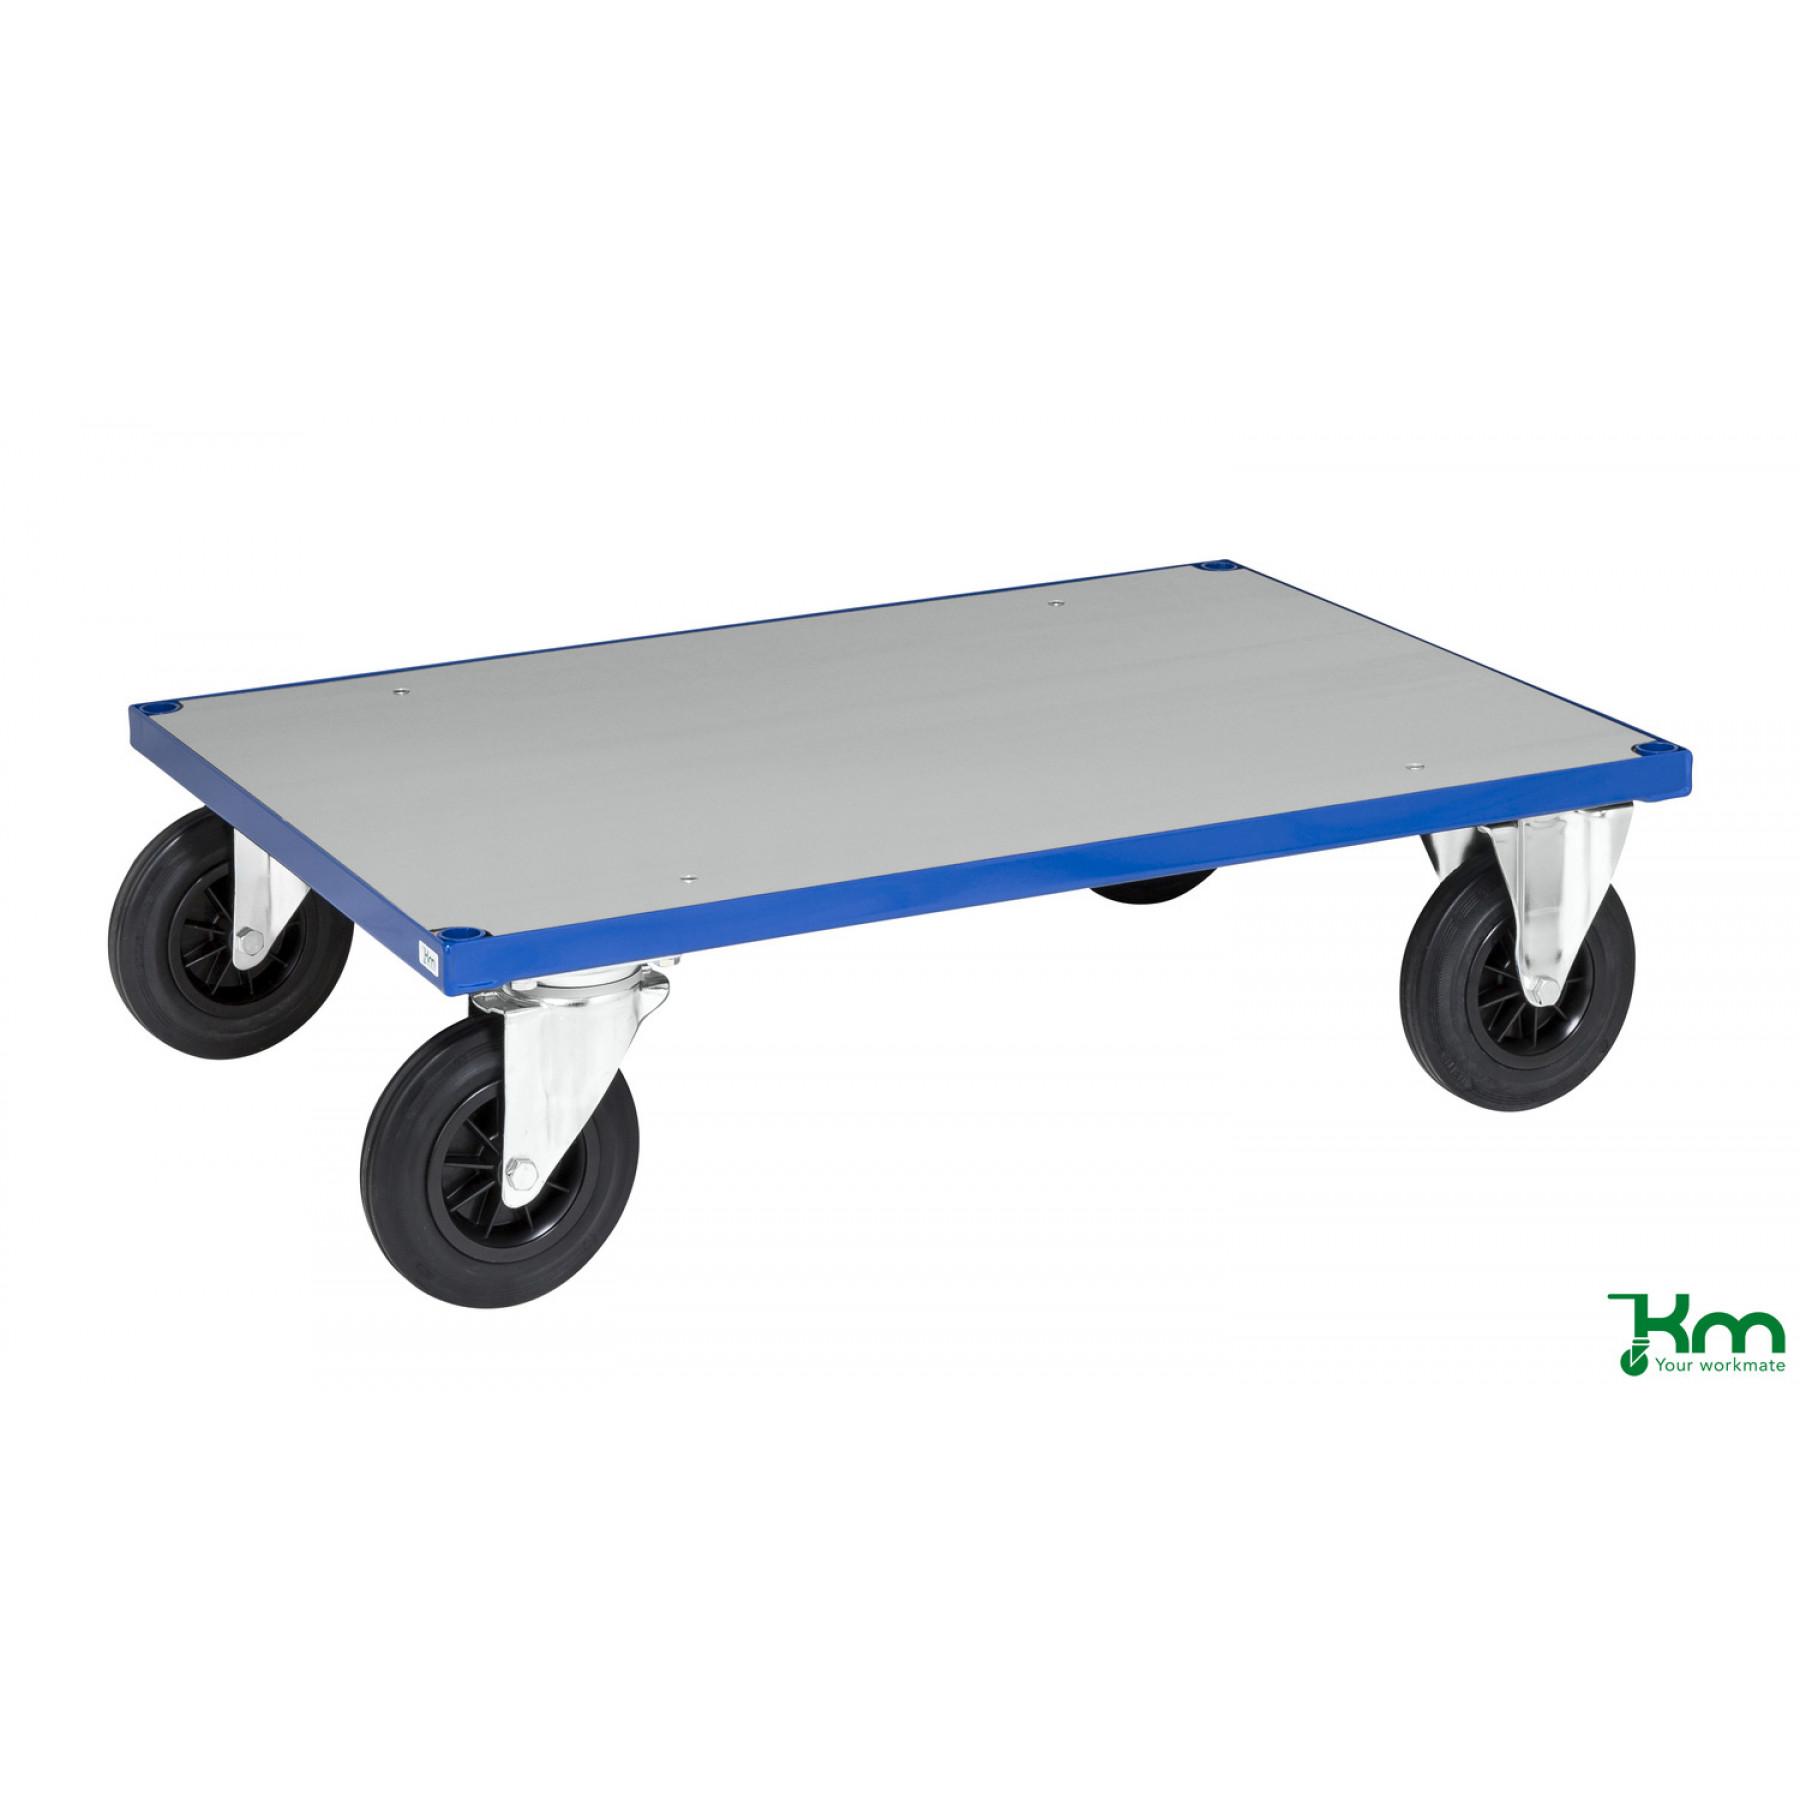 Platformwagen met staalverzinkte laadvloer